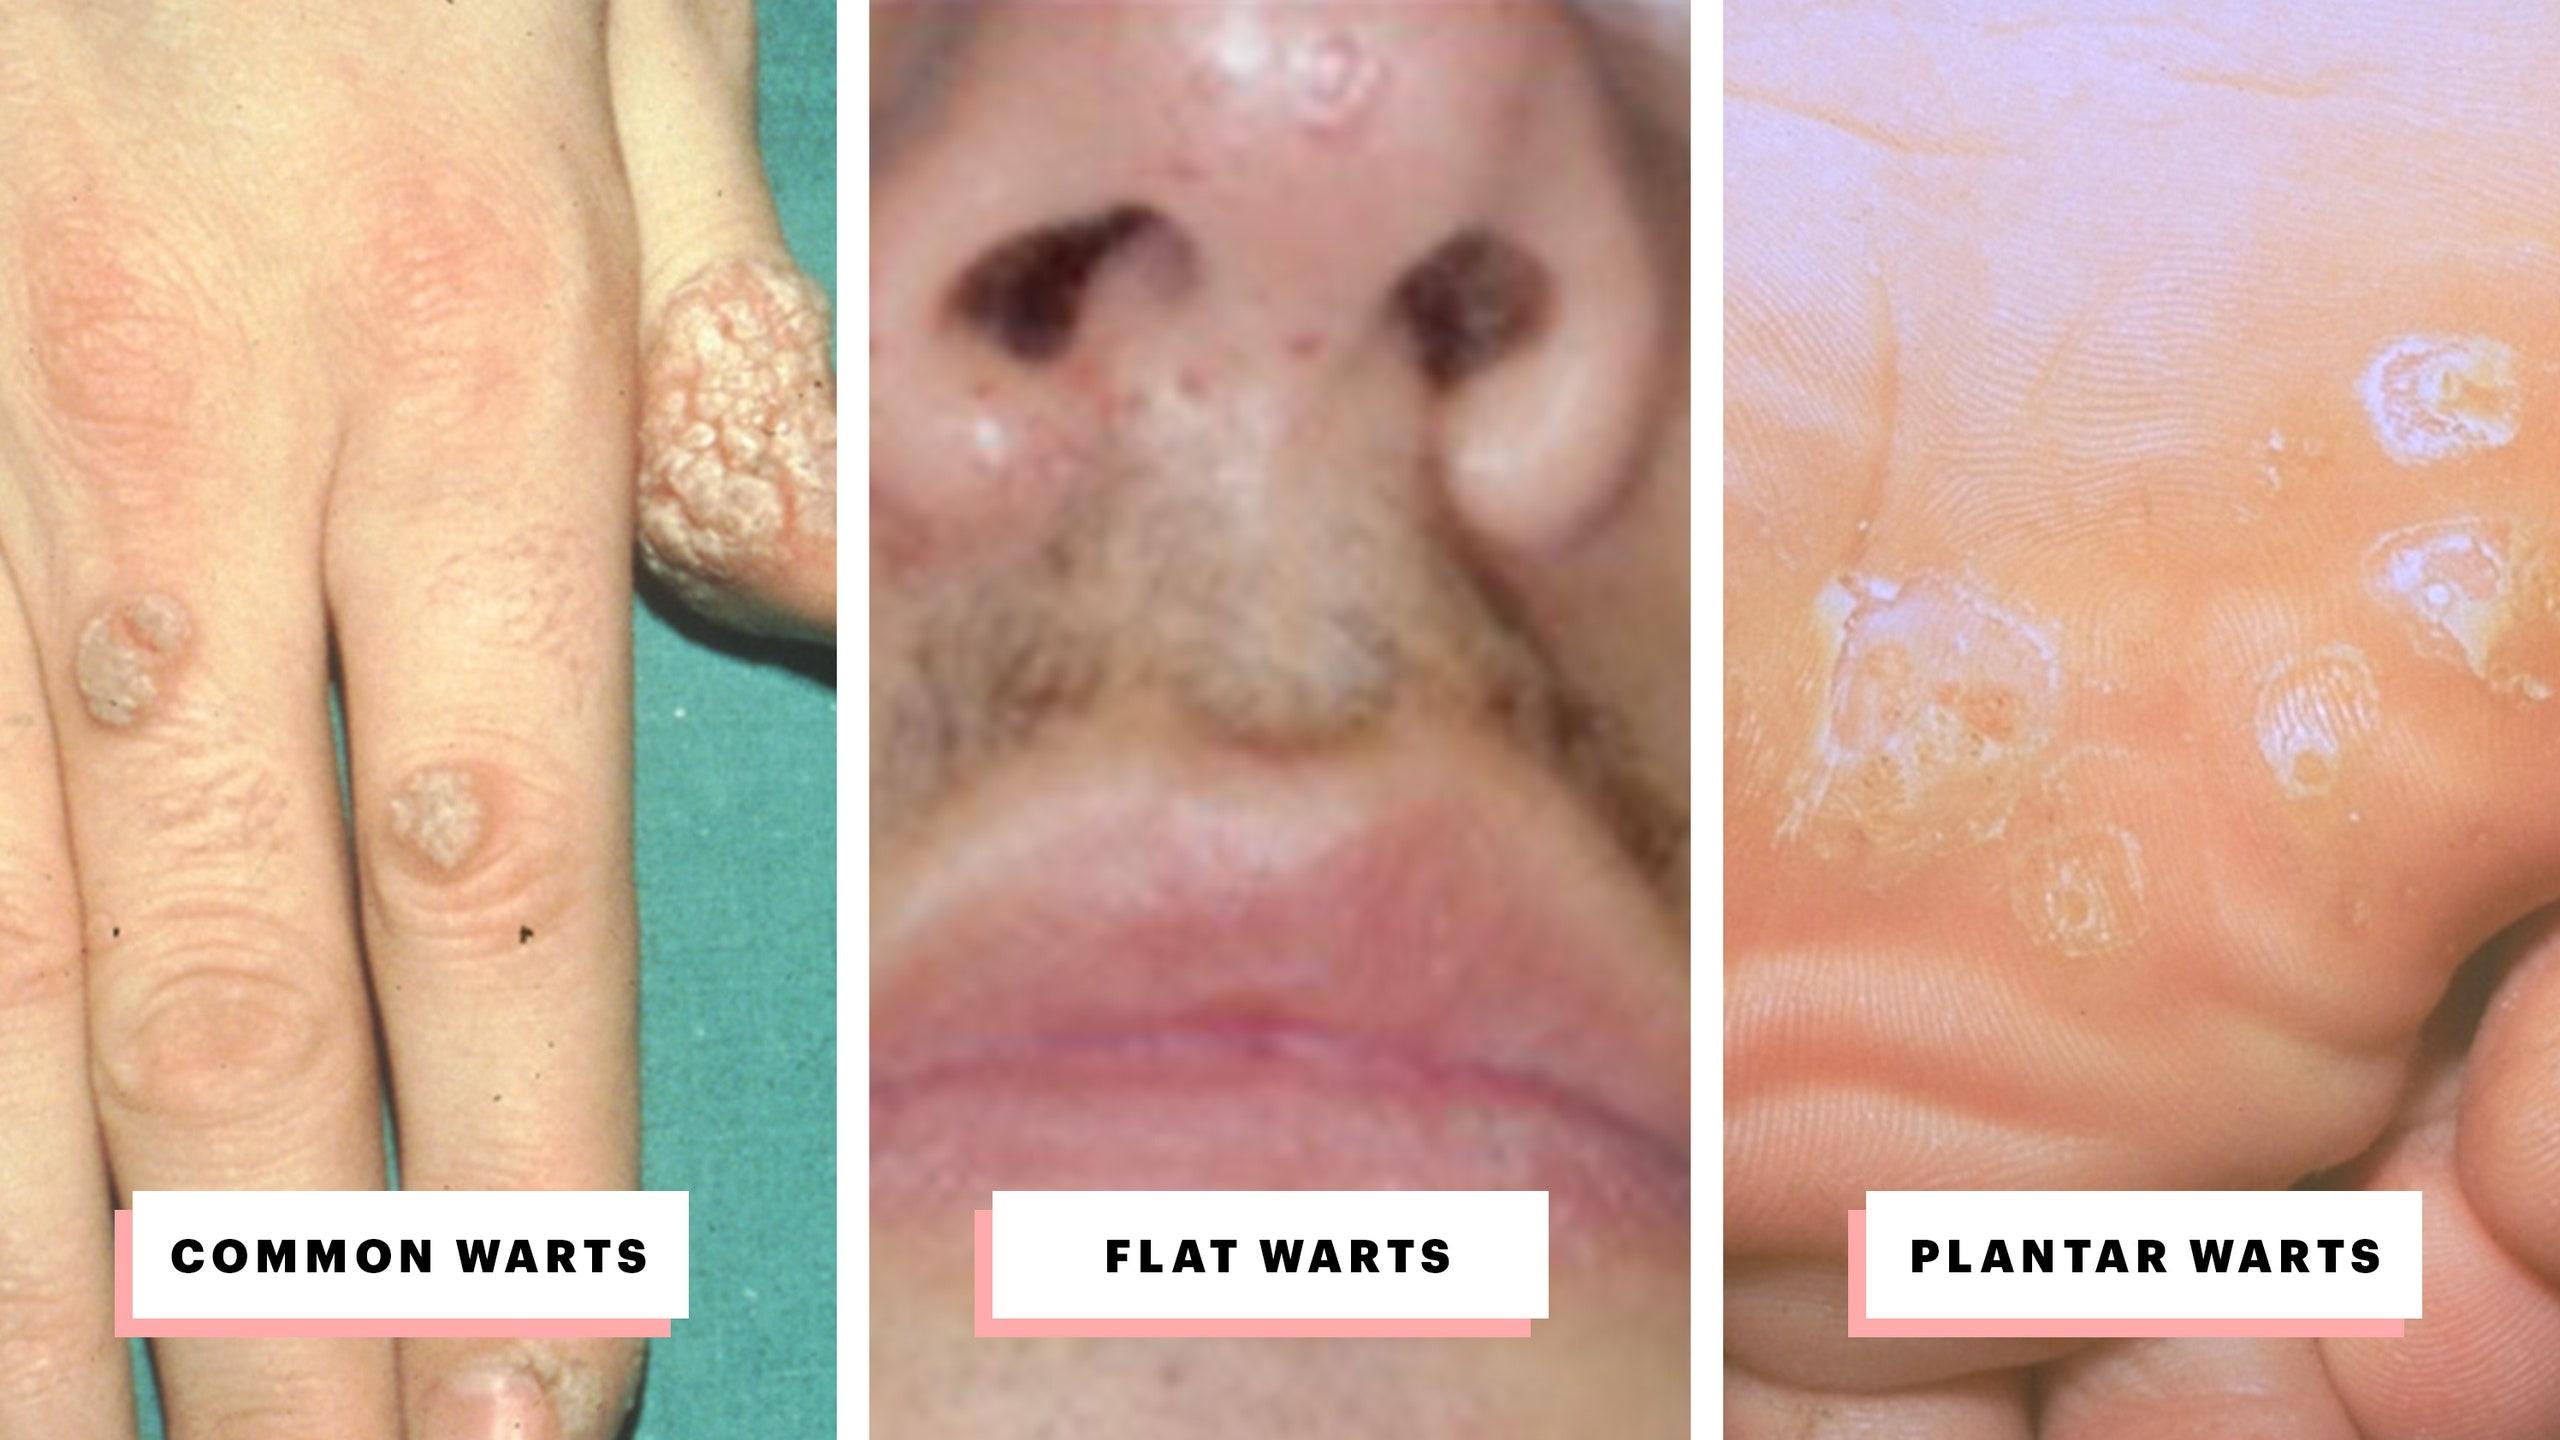 taurul taur nu are papillomavirus de la bouche